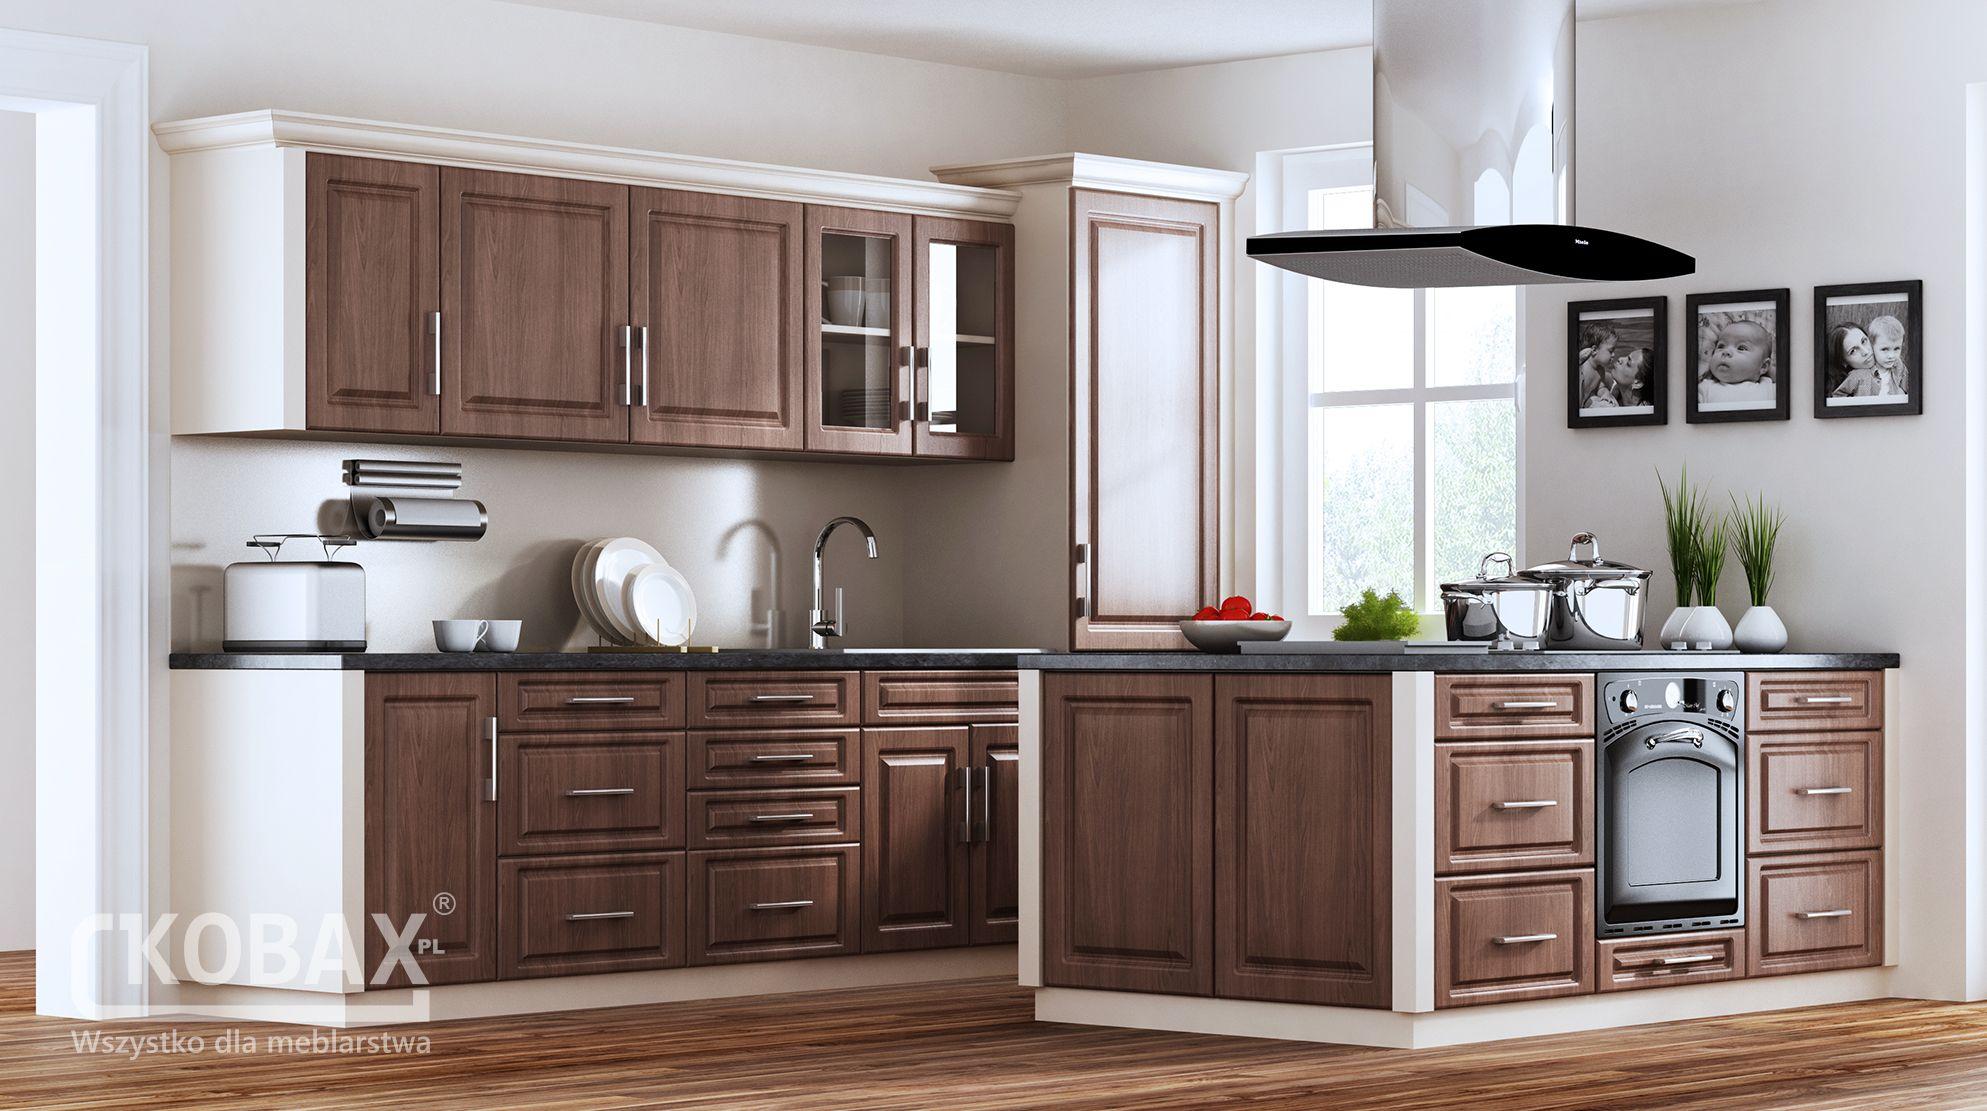 Klasyczna Kuchnia Kobax Home Decor Kitchen Kitchen Cabinets